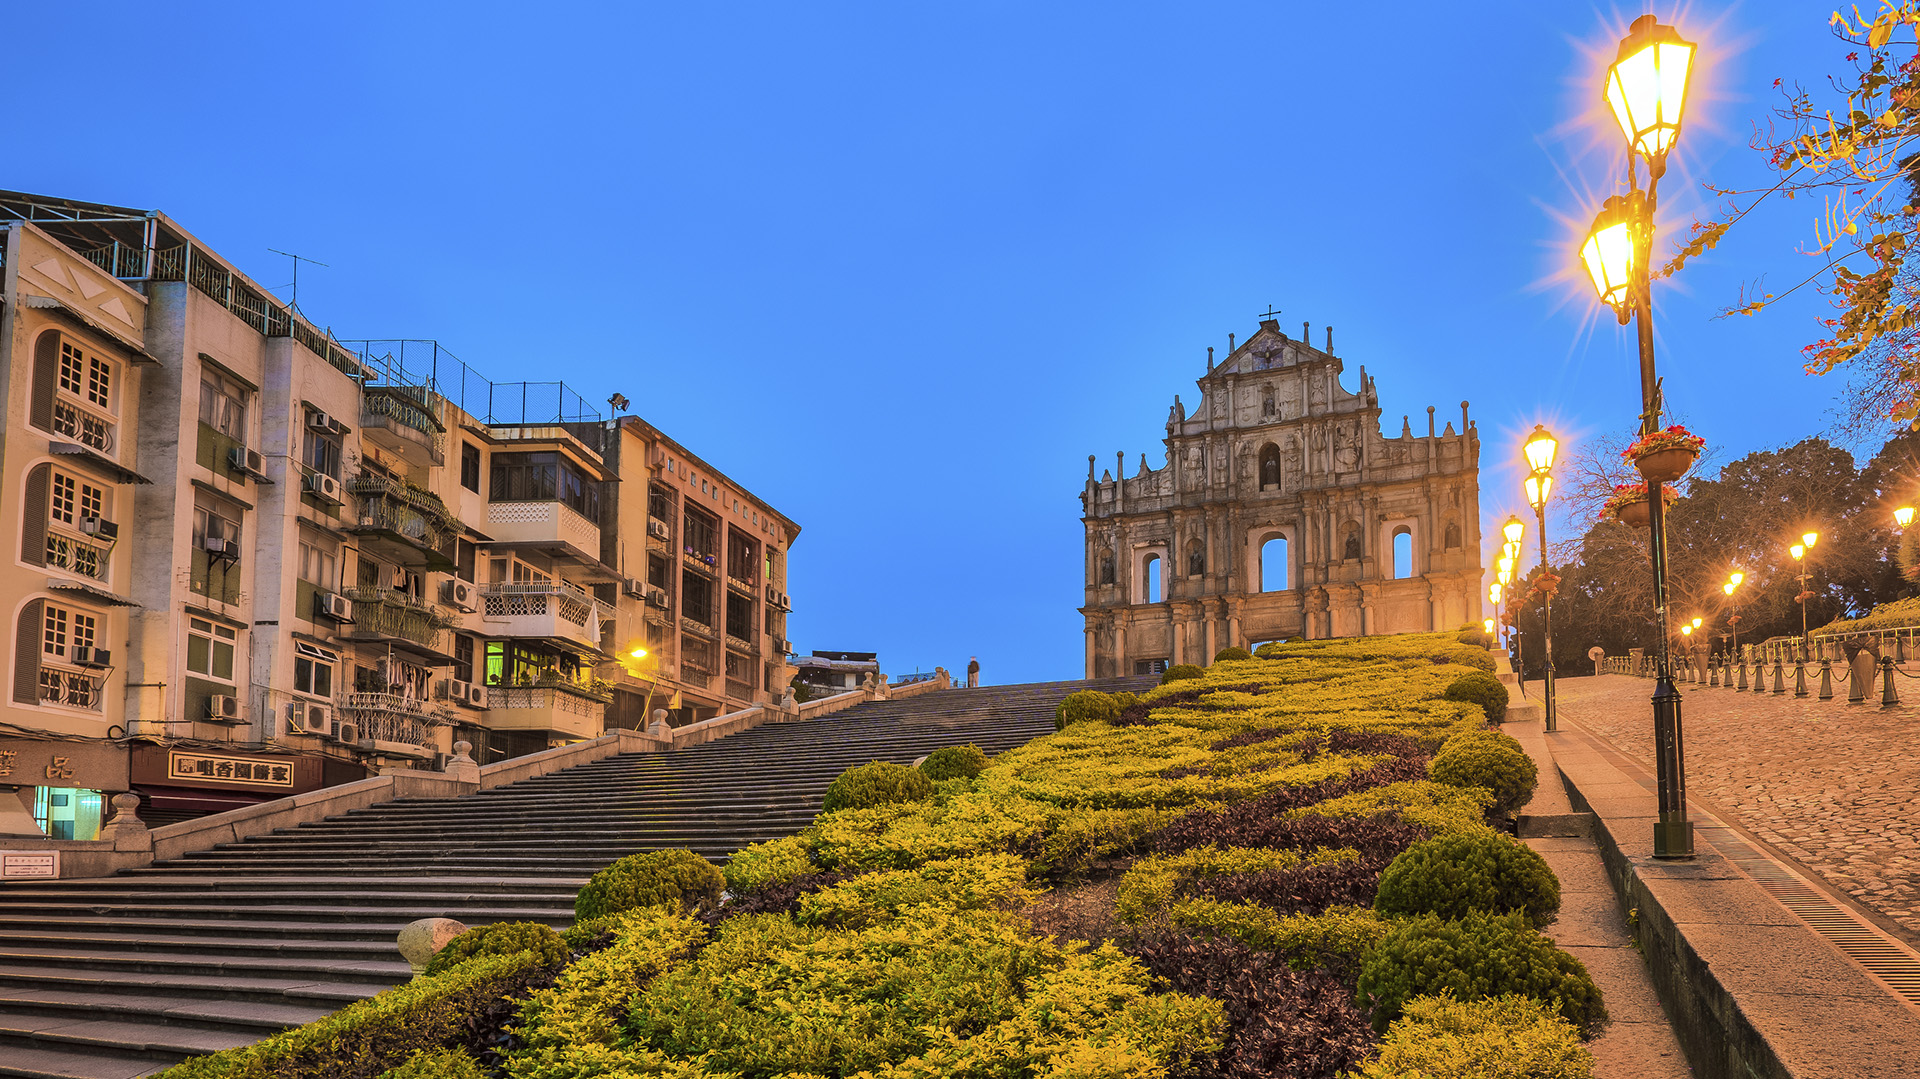 Las ruinas de la catedral de San Pablo de Macao, vestigio de la era colonial (iStock)